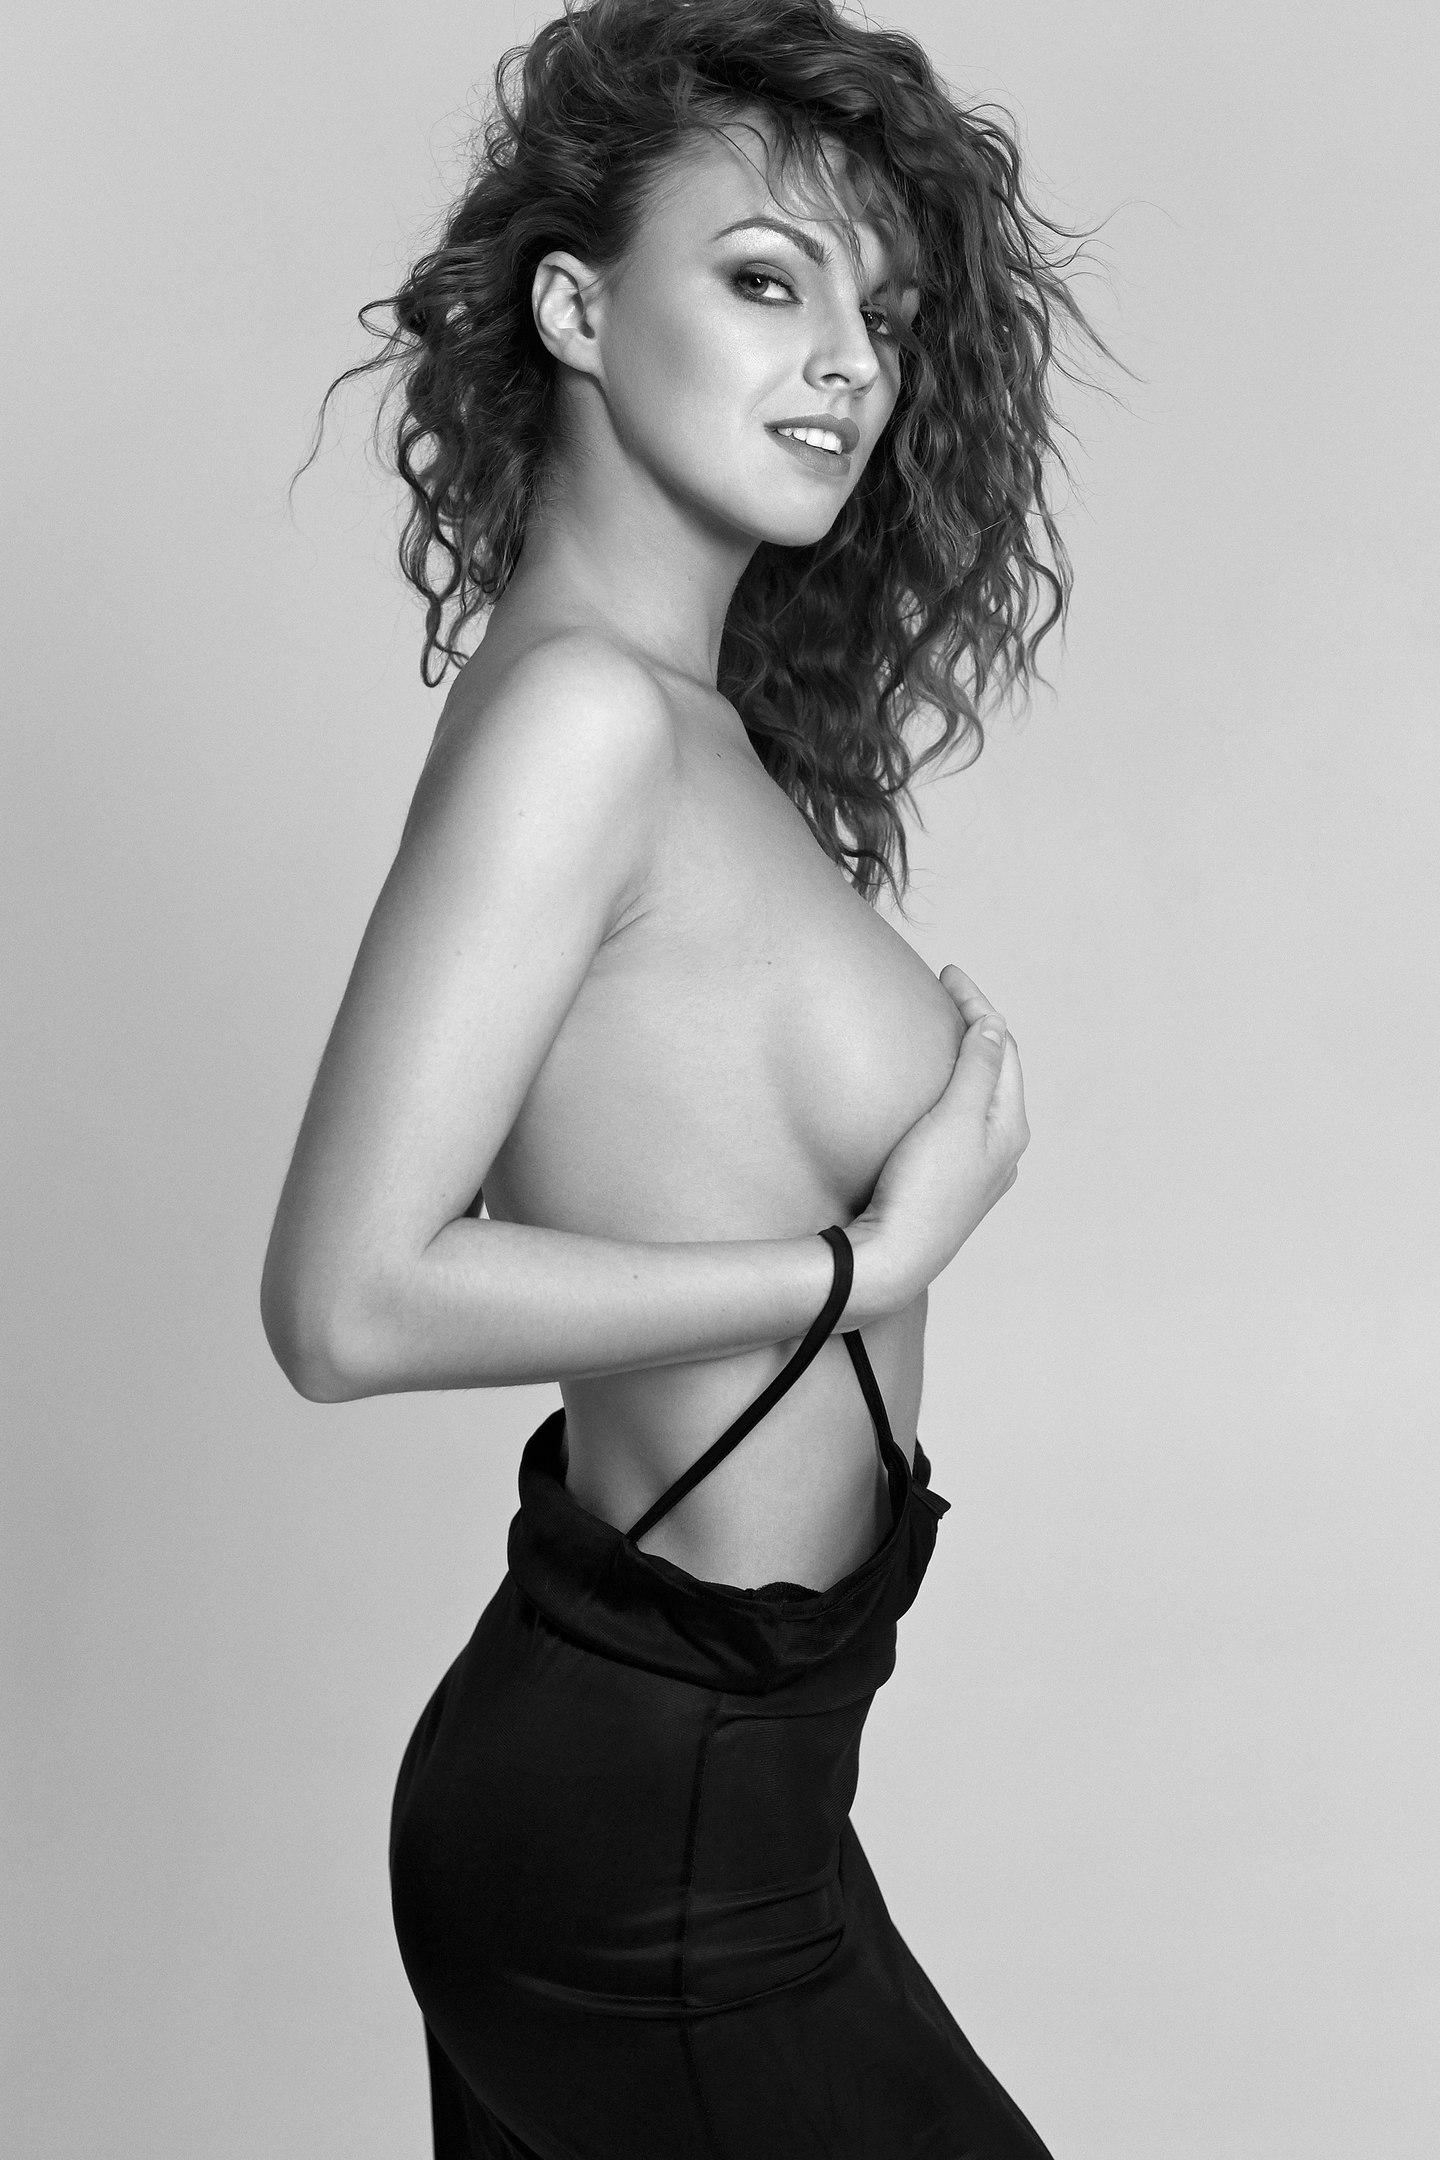 Inna Kushnir - Nico Pirosmani photoshoot